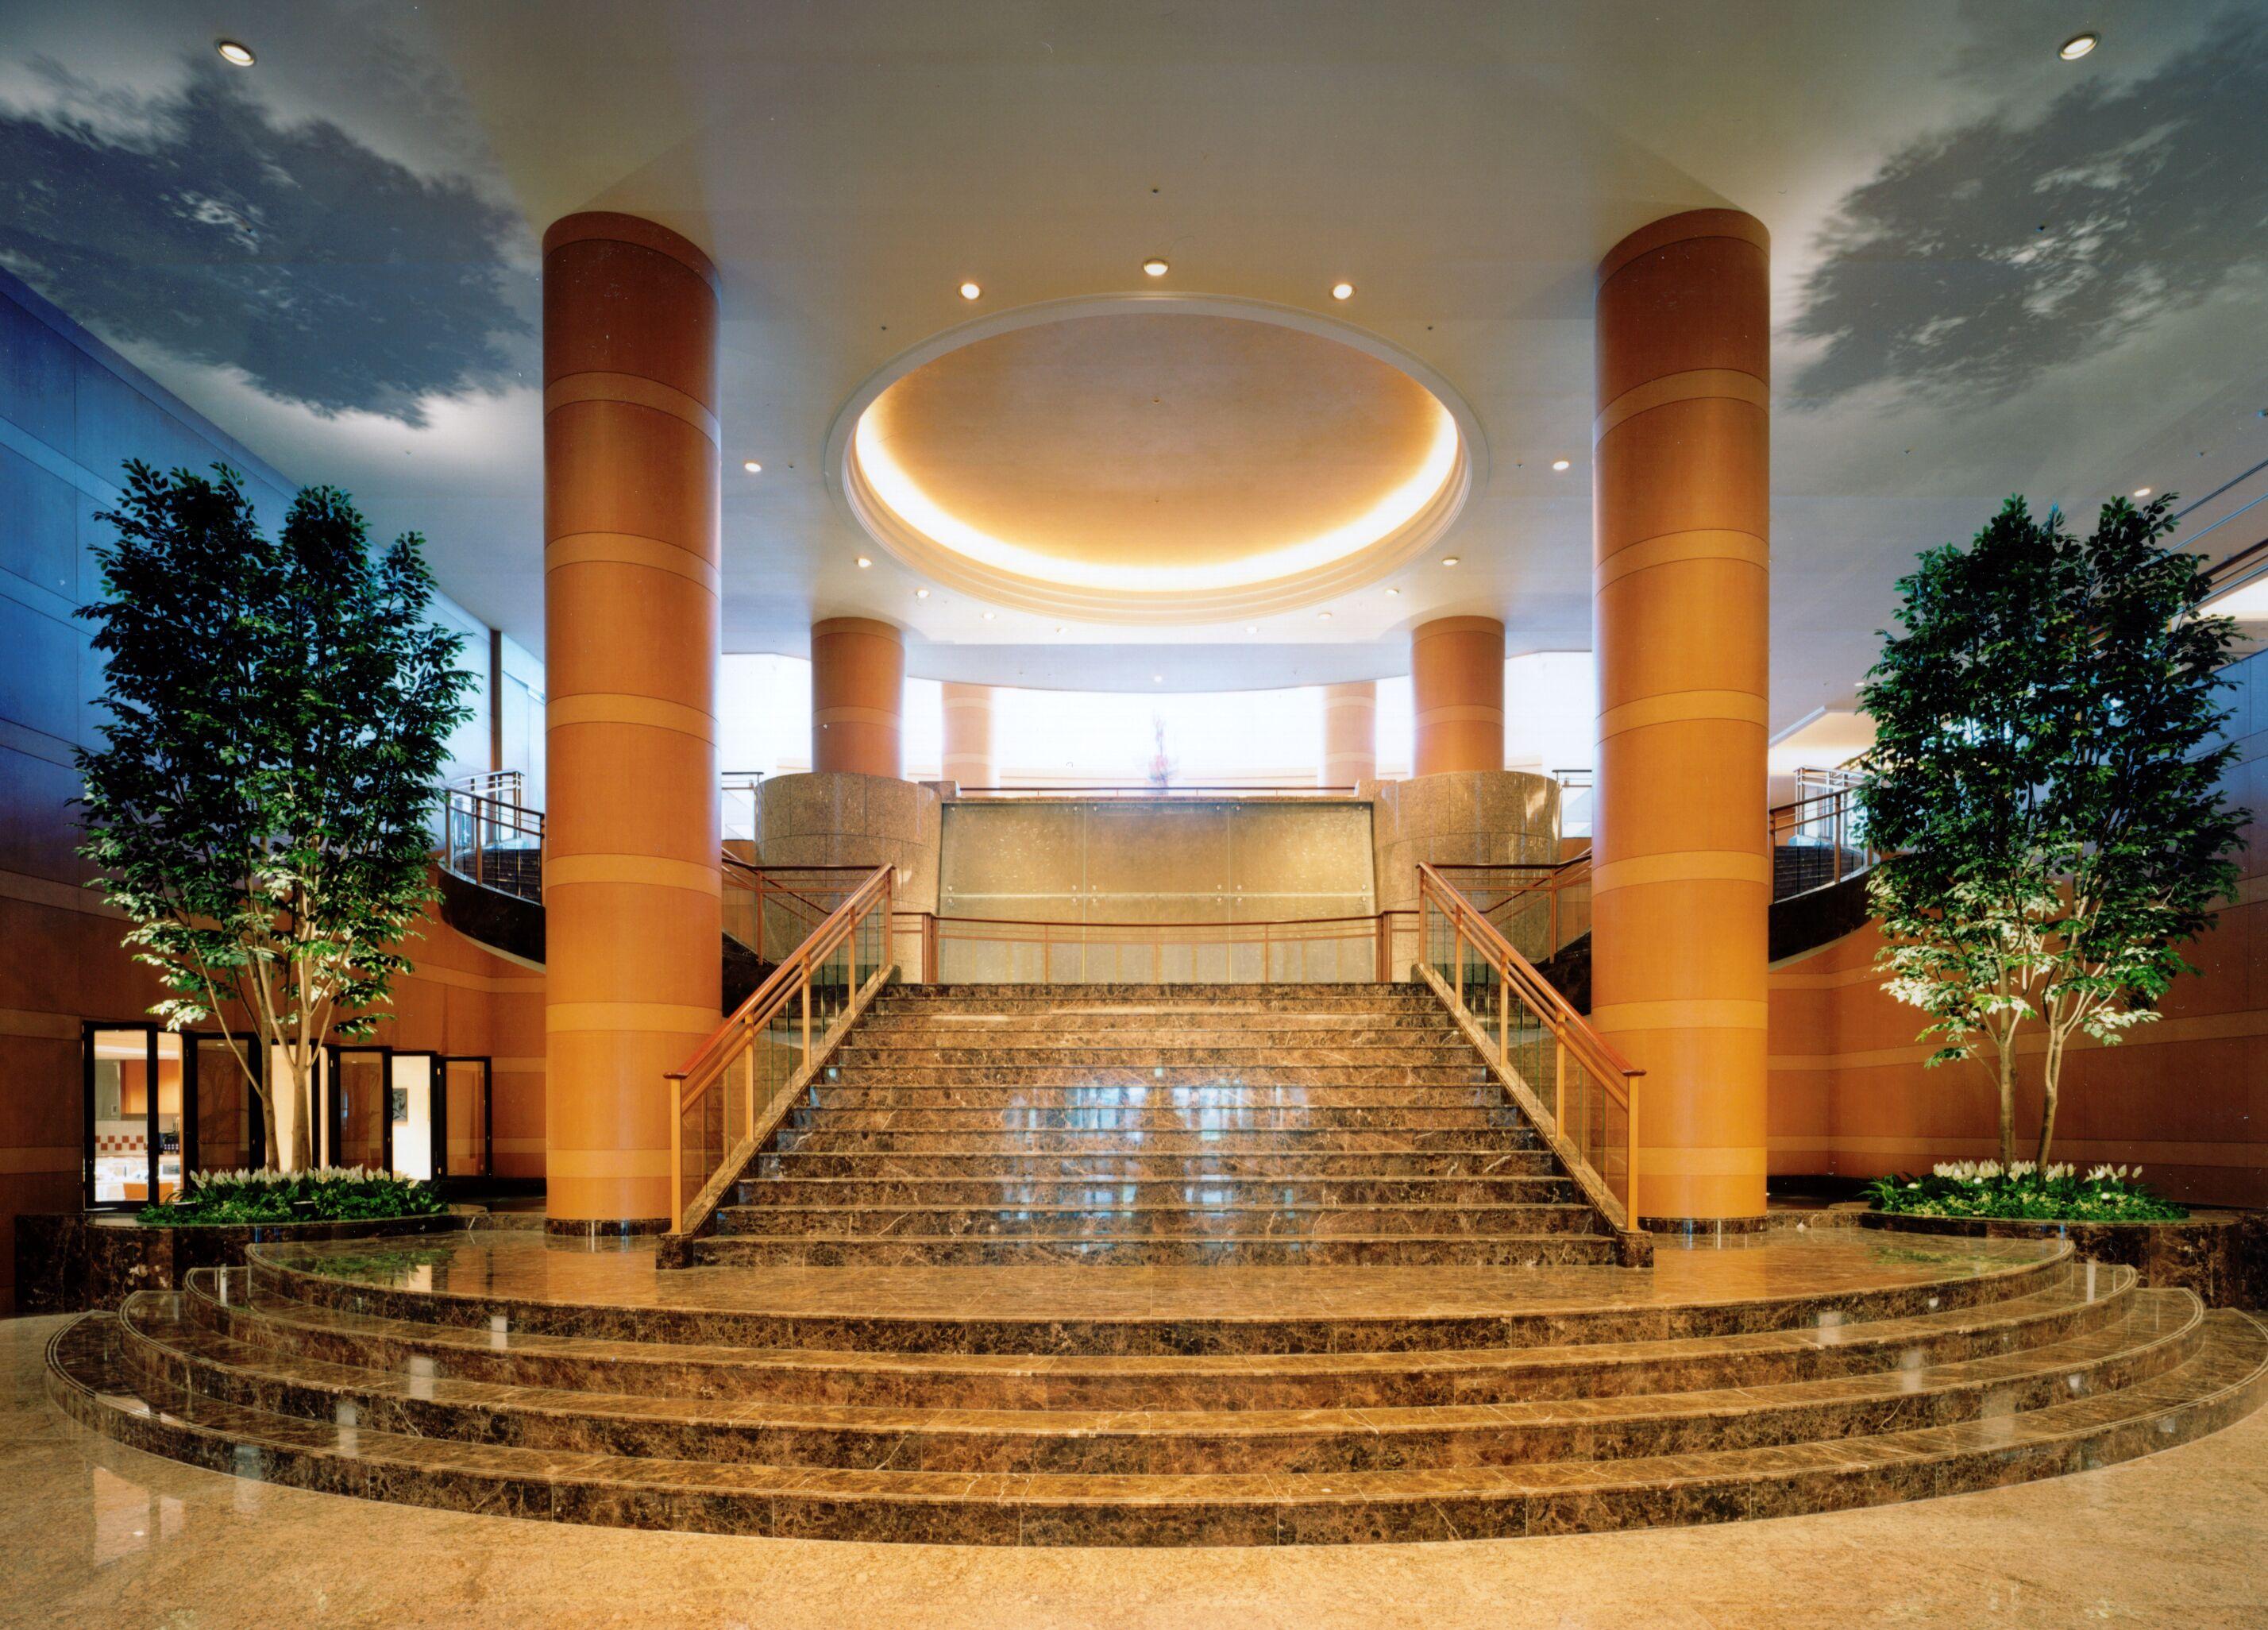 Fondos de pantalla 2856x2052 dise o interior escalera for Escaleras de interior fotos